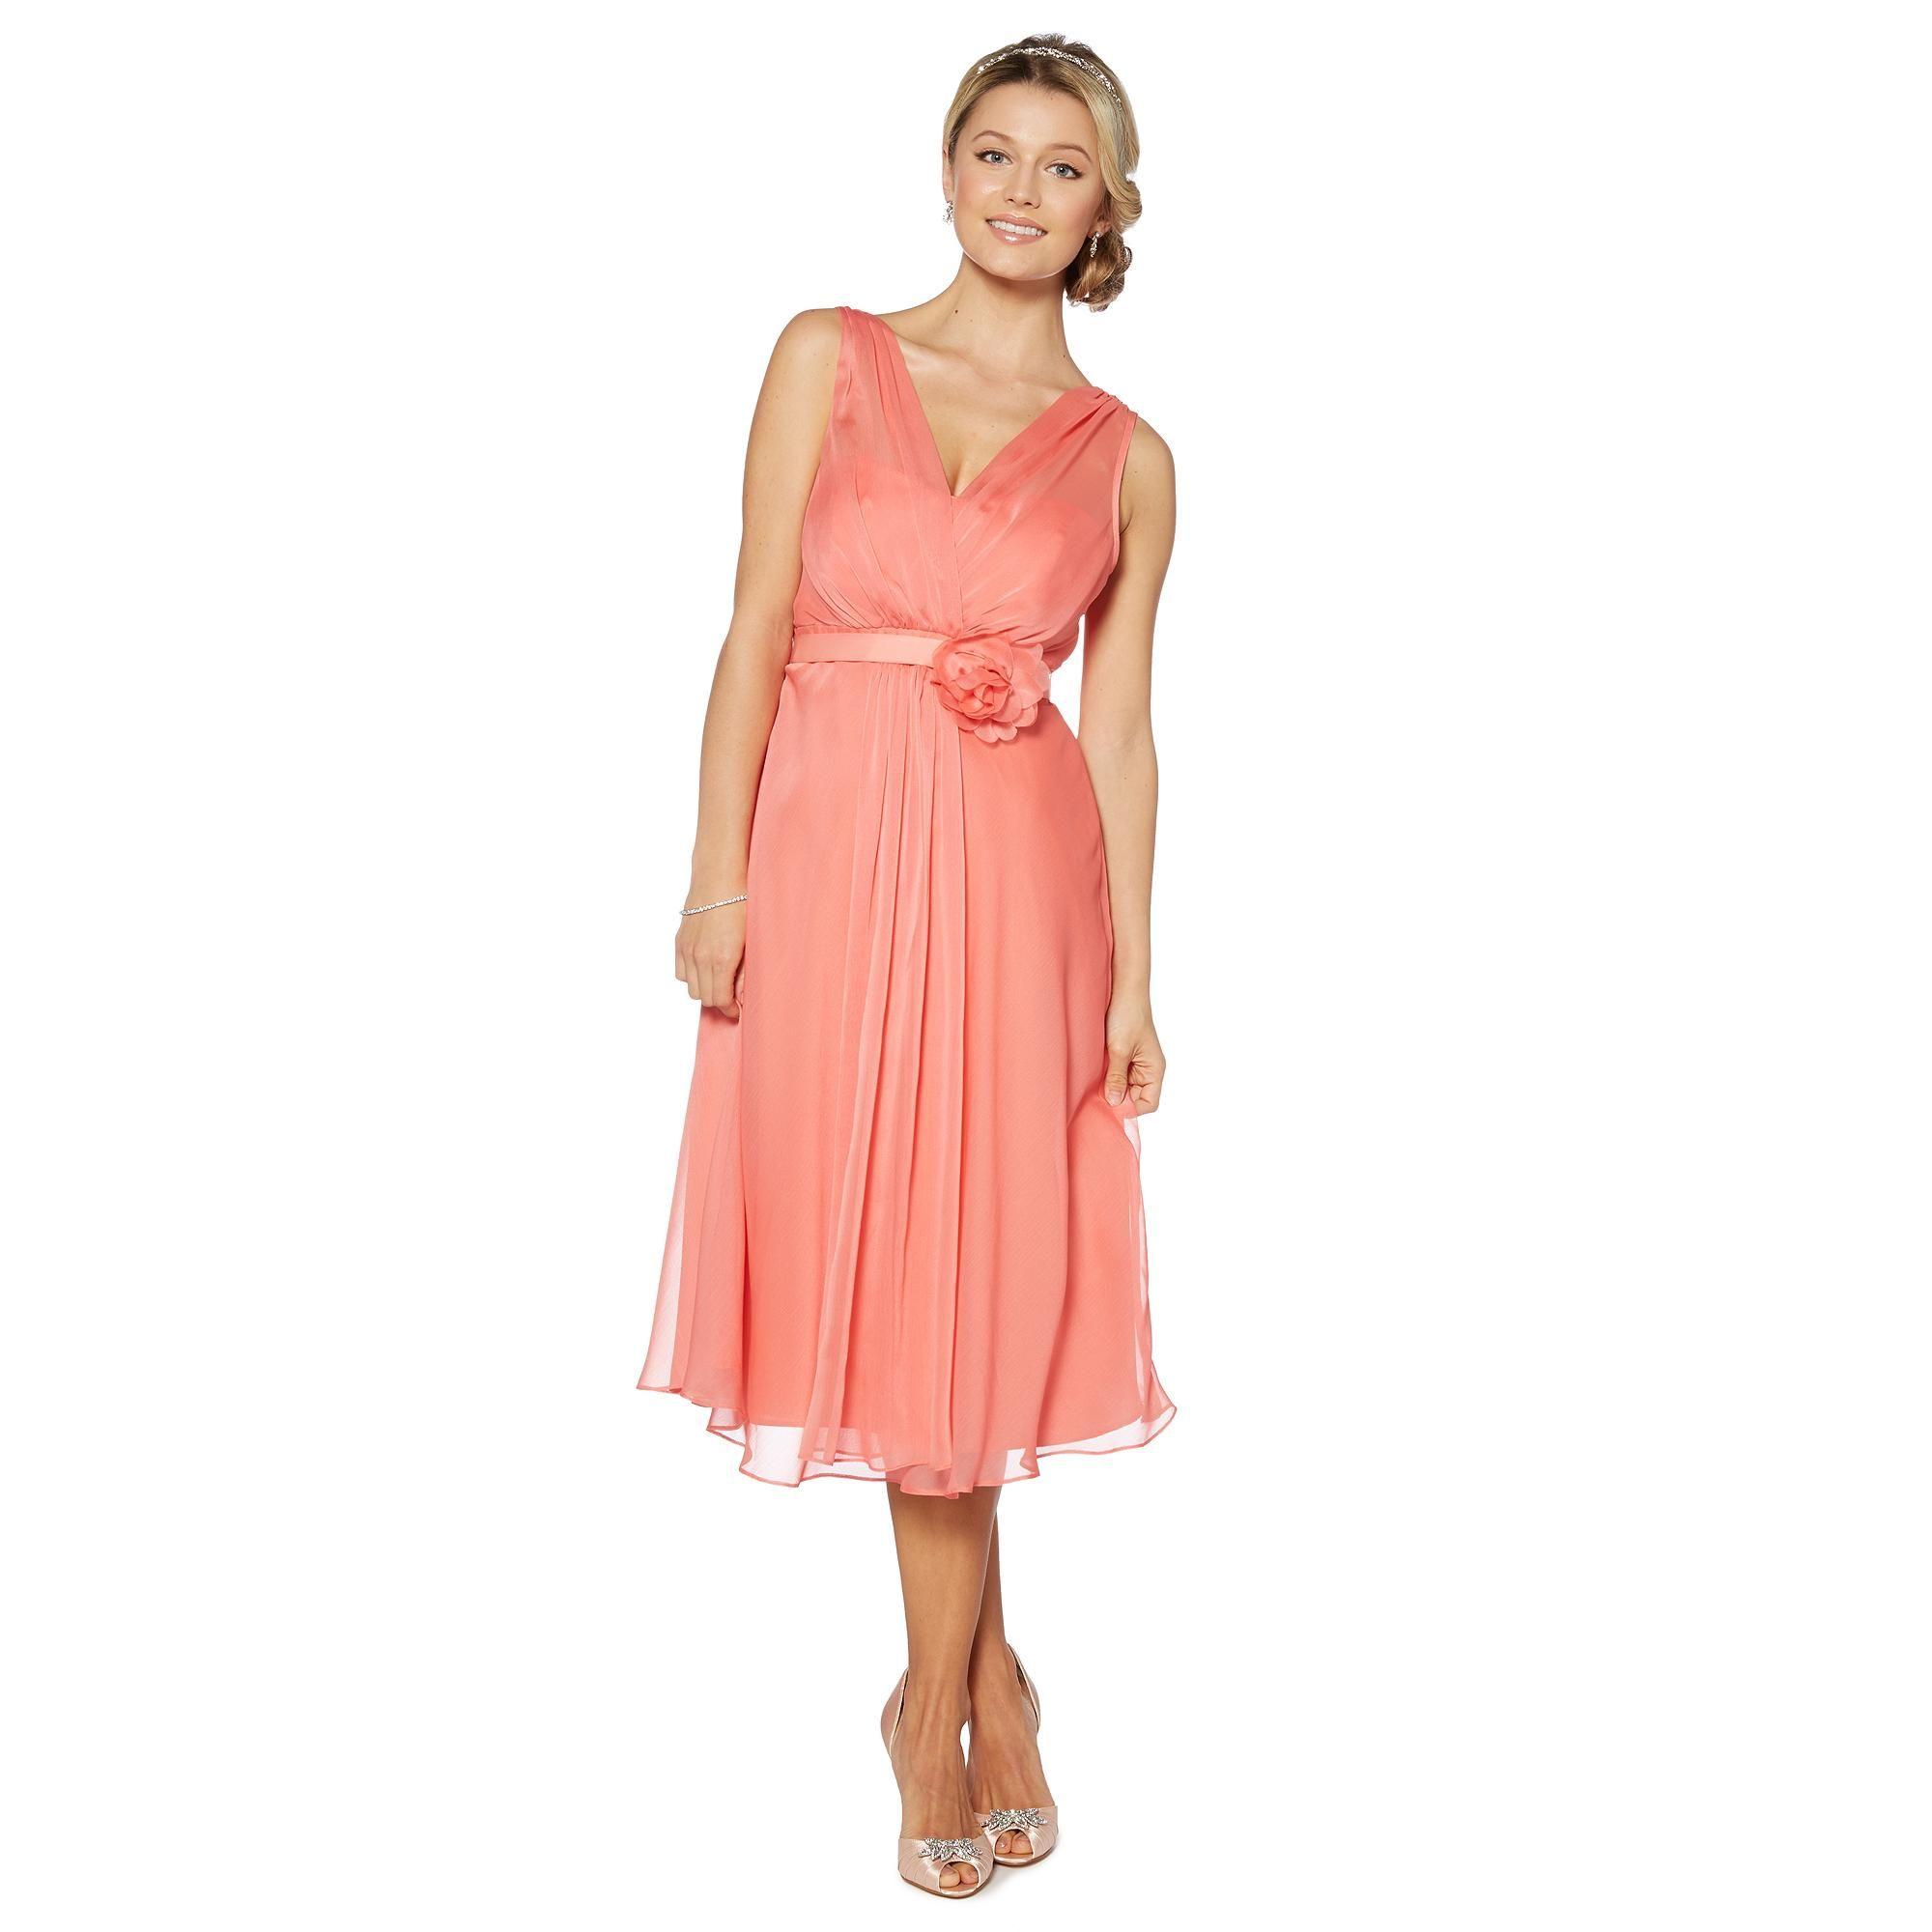 Peach corsage detail midi dress bridesmaid dresses debenhams peach corsage detail midi dress bridesmaid dresses debenhams ombrellifo Gallery